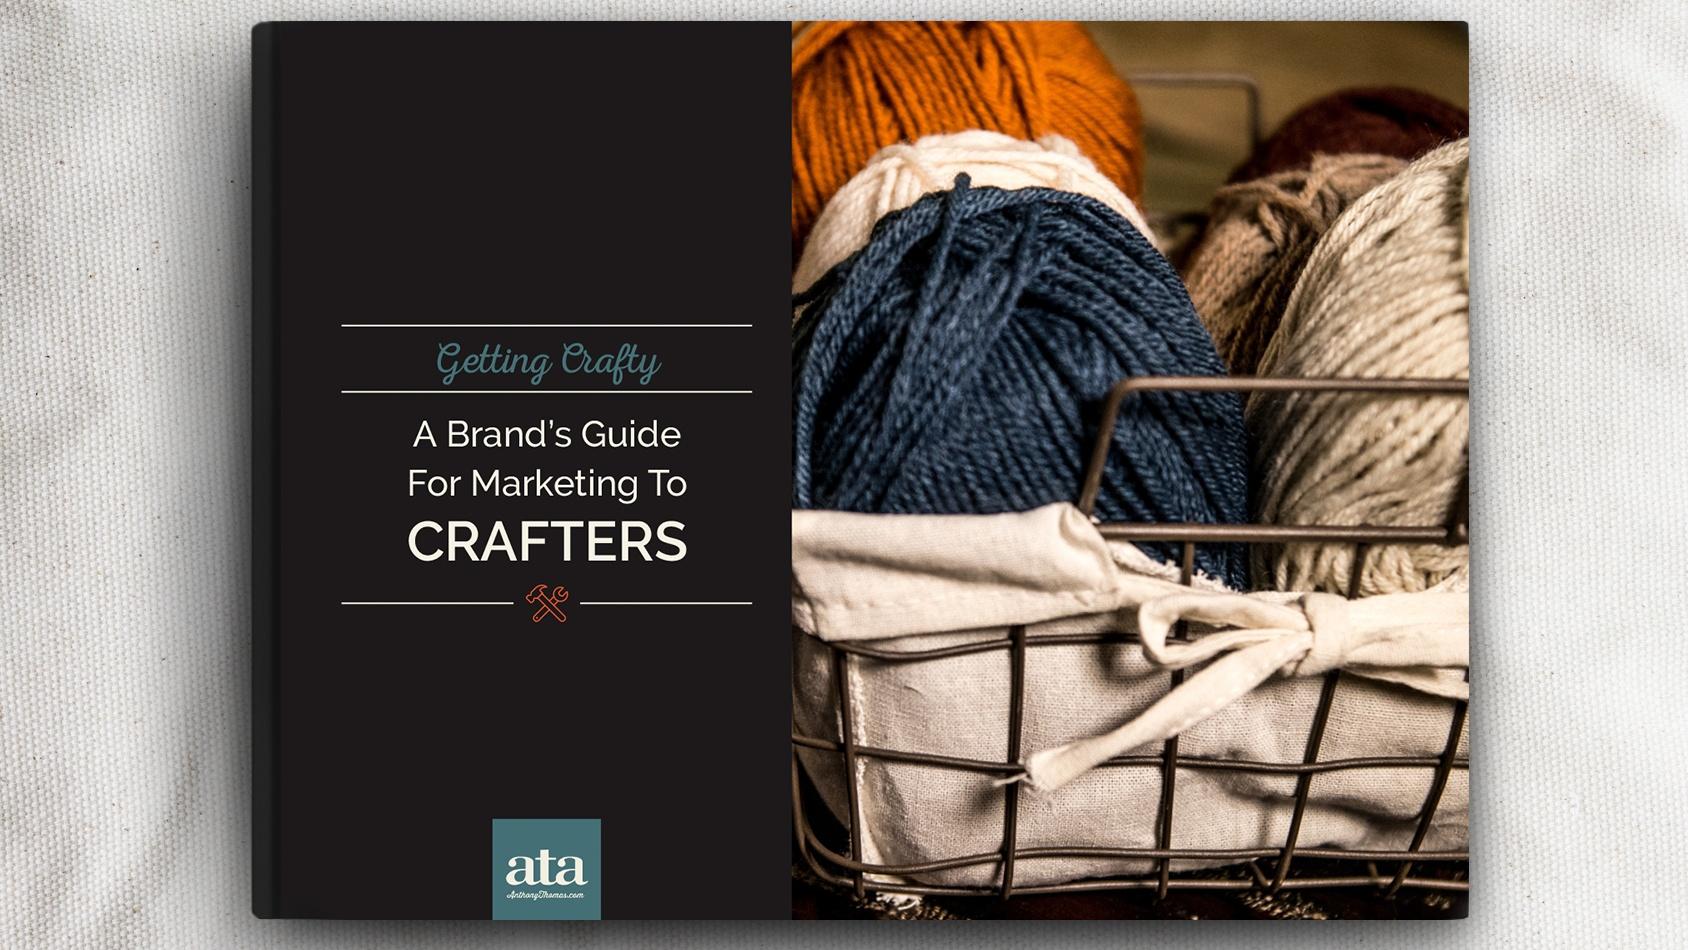 Getting_Crafty_BG